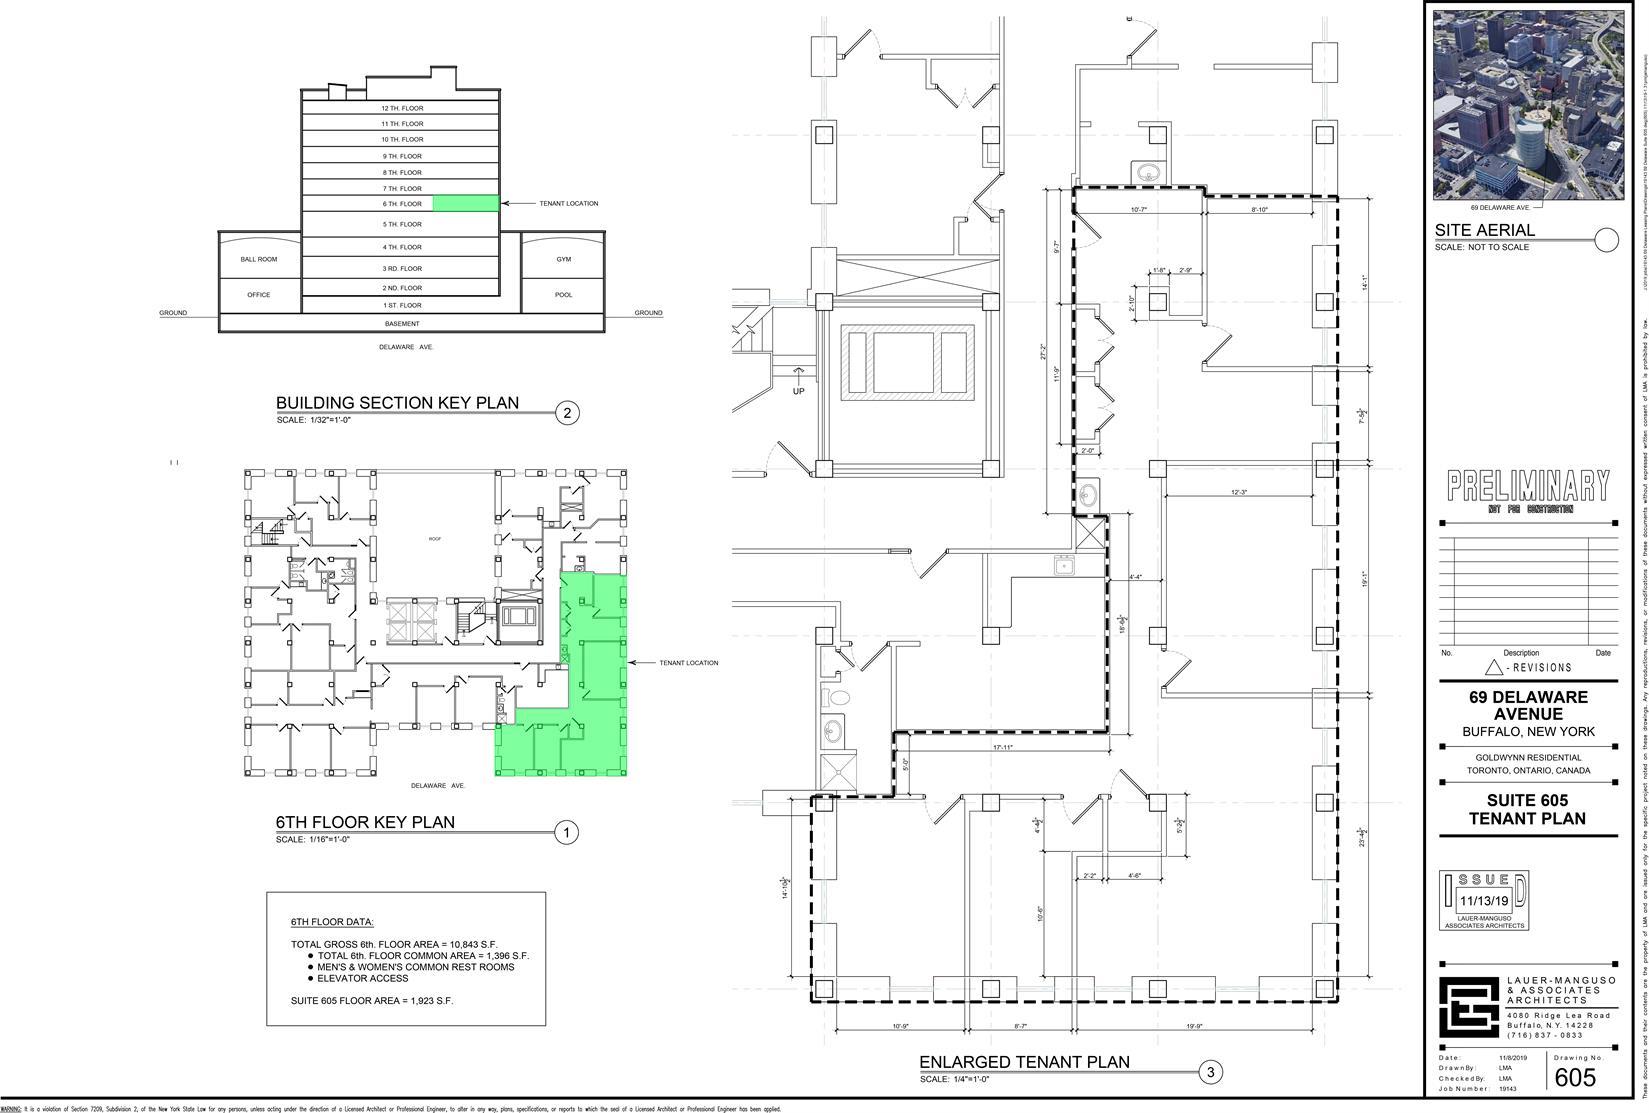 1181 Floor Plan